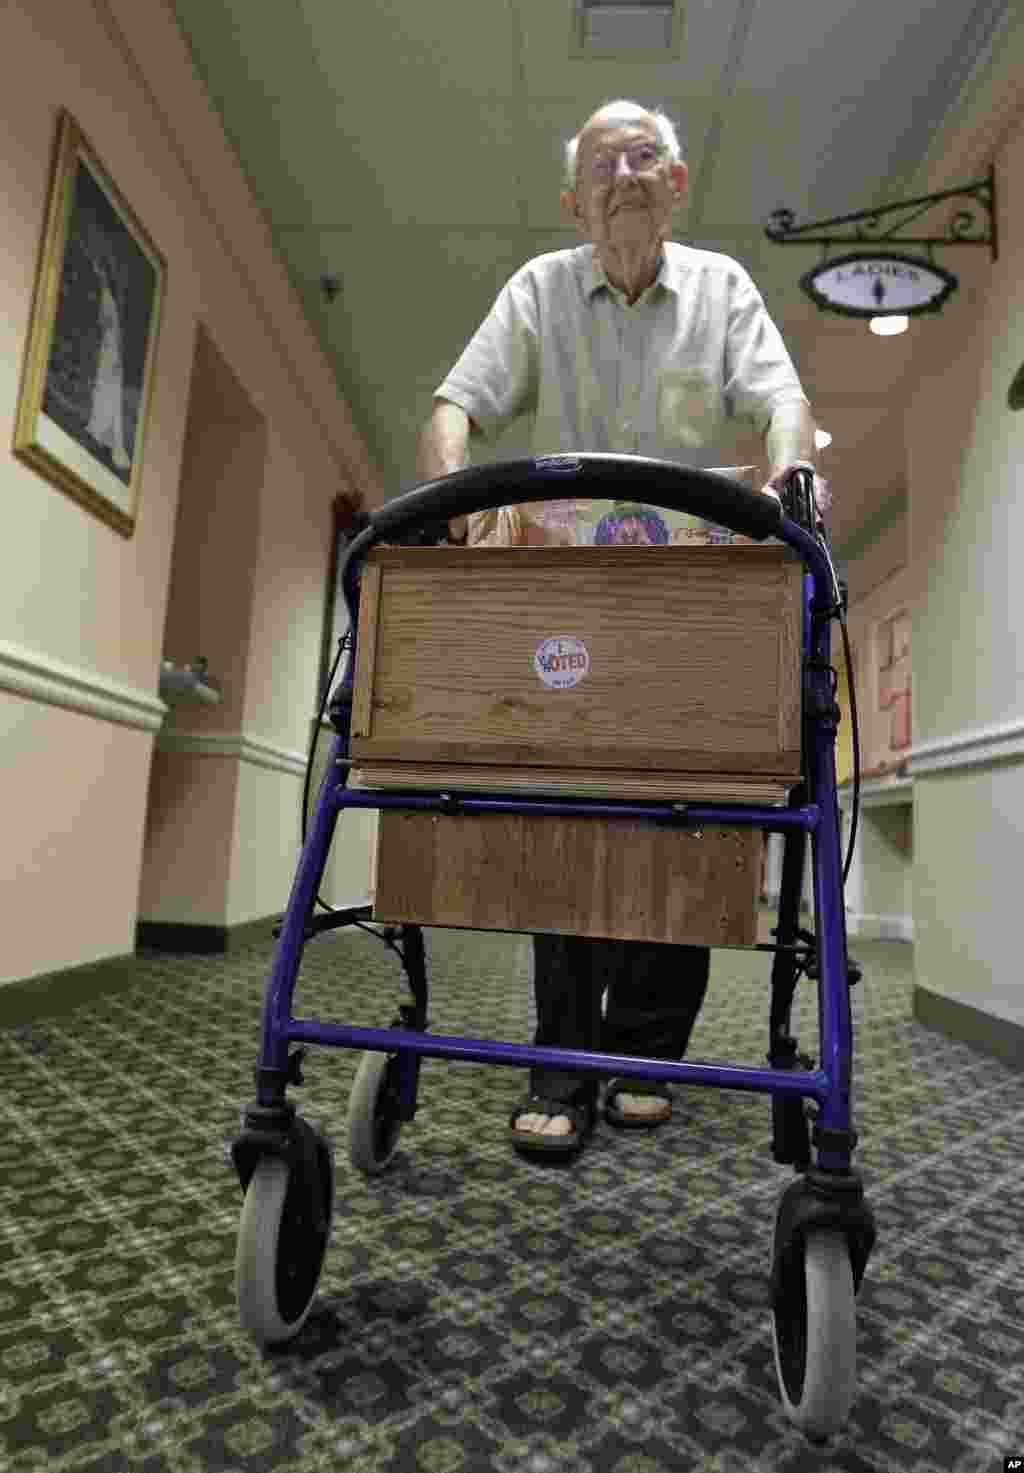 """Cụ Rolf Kleinwort, 87 tuổi, ở Boca Raton, Florida, dán nhãn """"I Voted"""" trên nạng đỡ của cụ sau khi bầu xong. (AP Photo/Chris O'Meara)"""